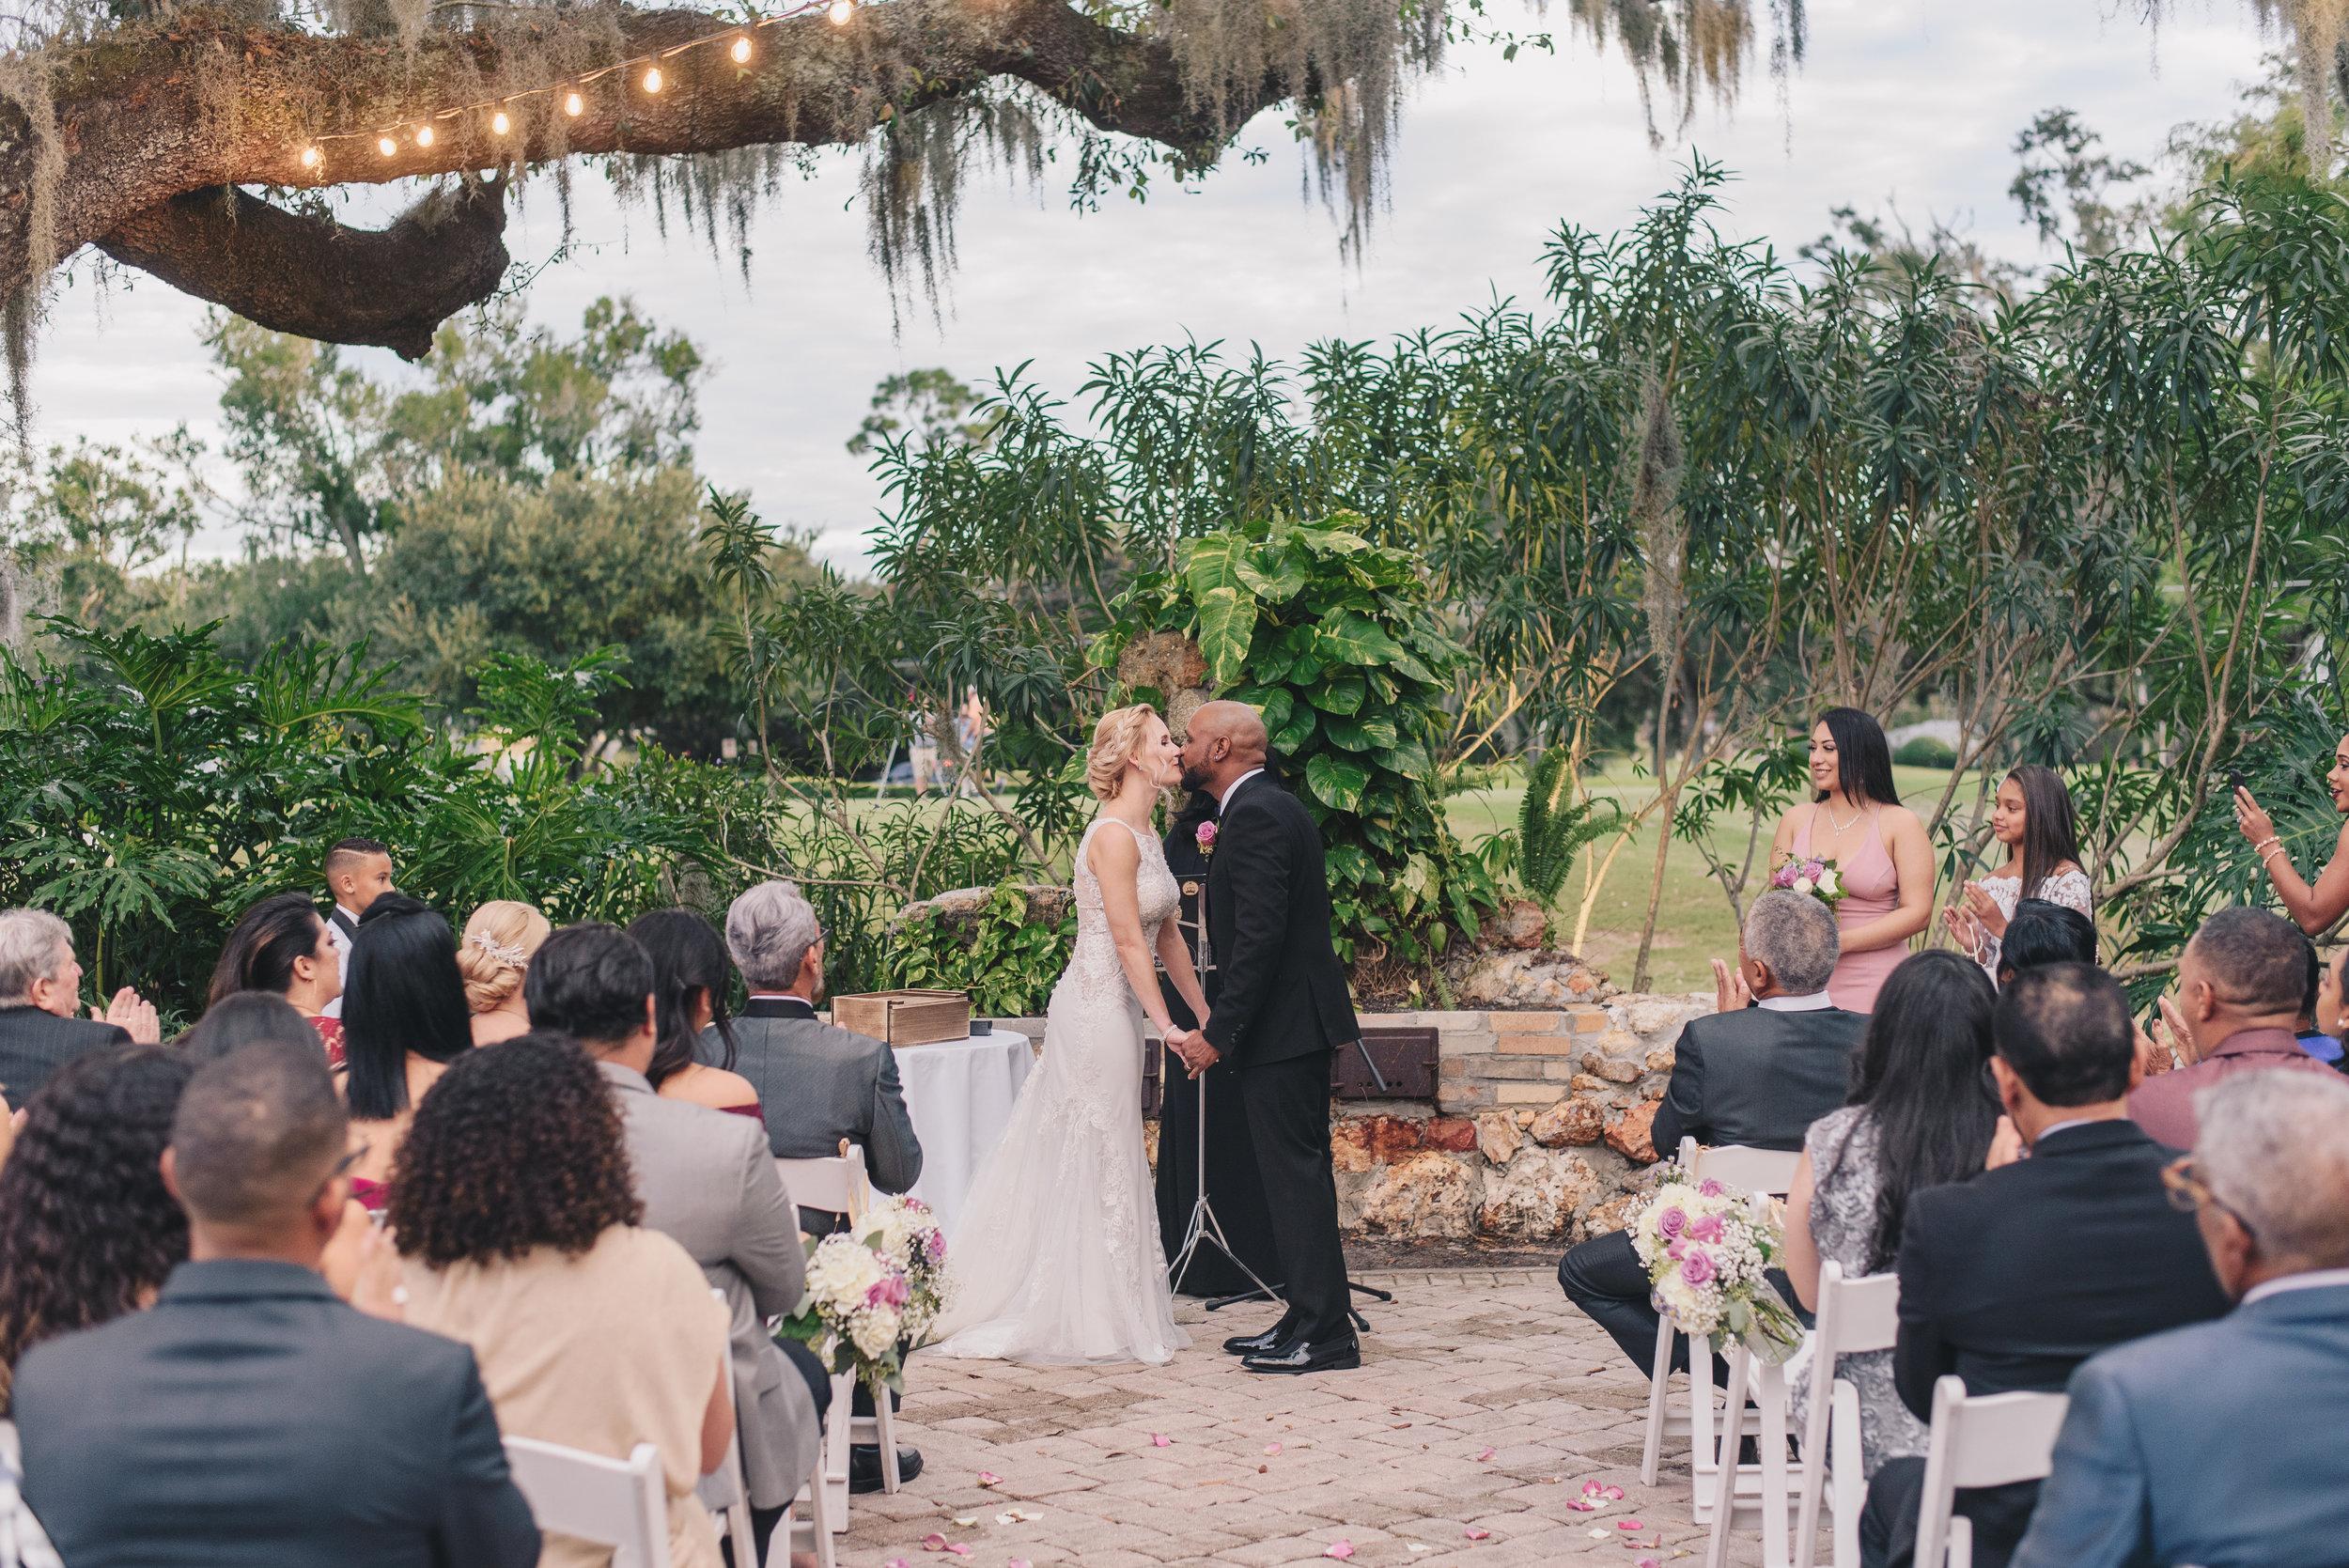 Los-Vargas-Photo-Wedding-Historic-Dubsdread-Ballroom-8478.jpg